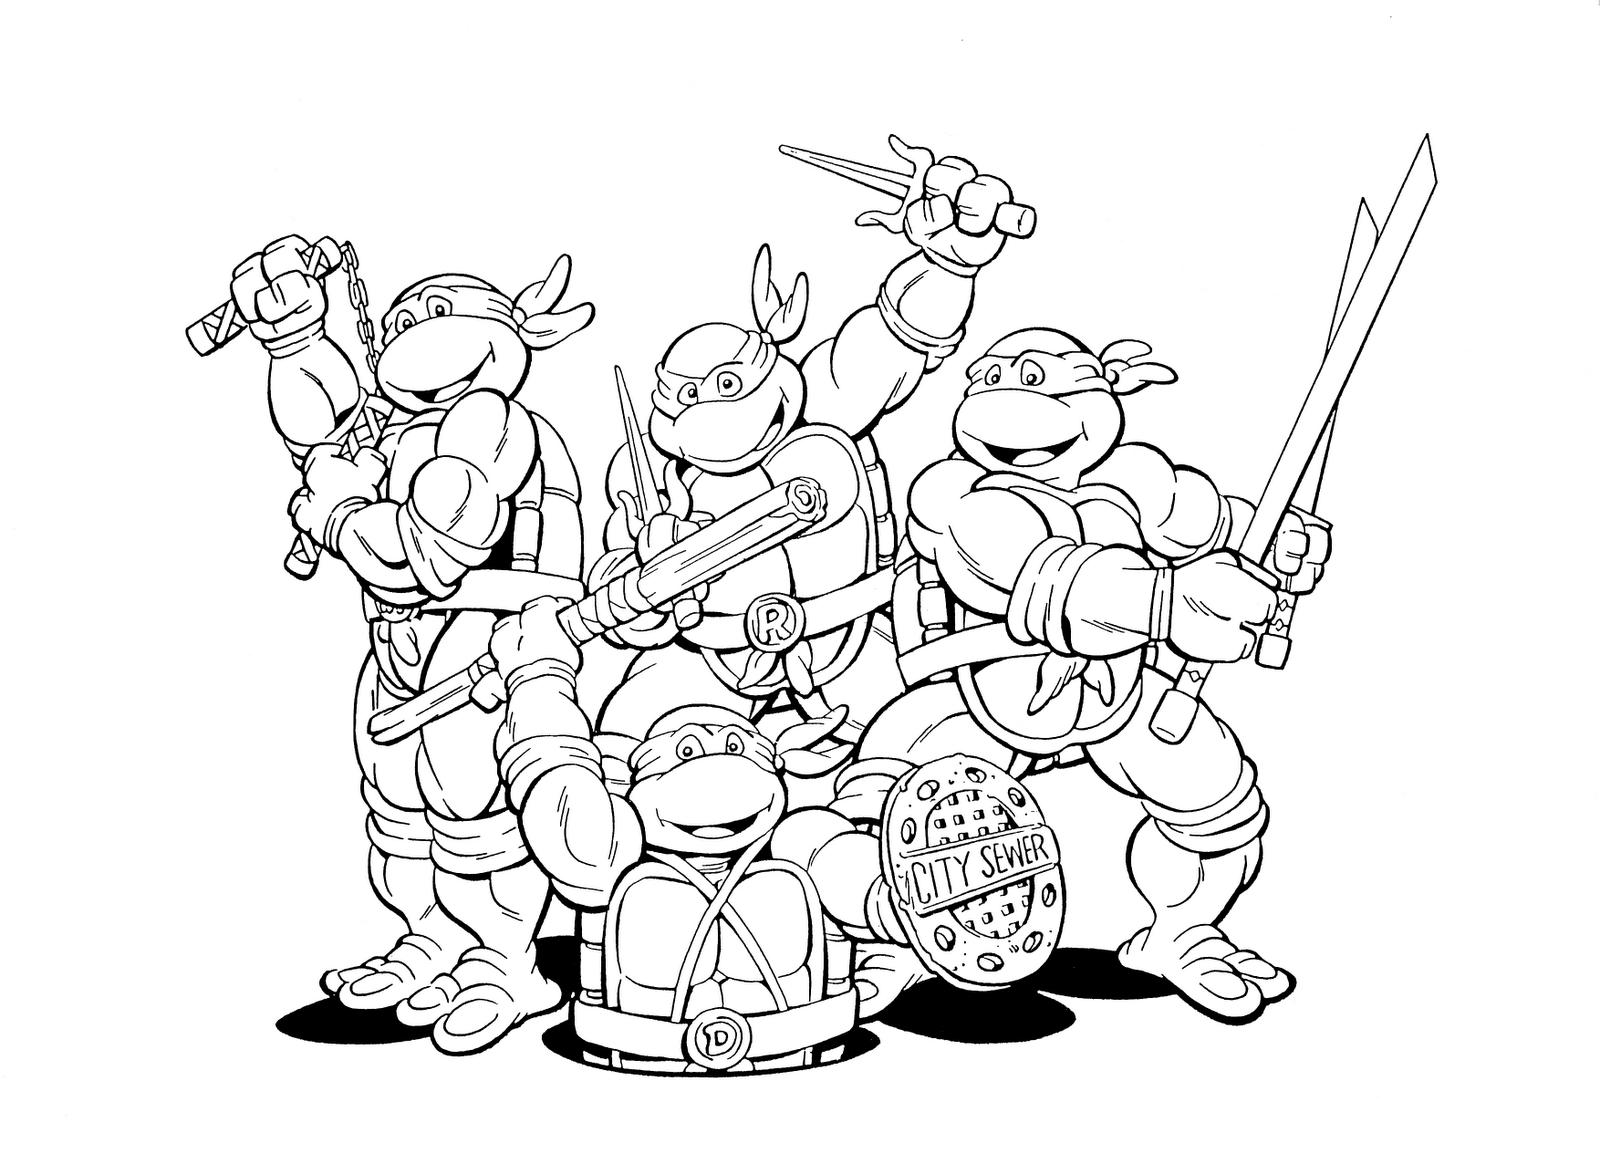 ninja turtles colouring pages craftoholic teenage mutant ninja turtles coloring pages pages colouring ninja turtles